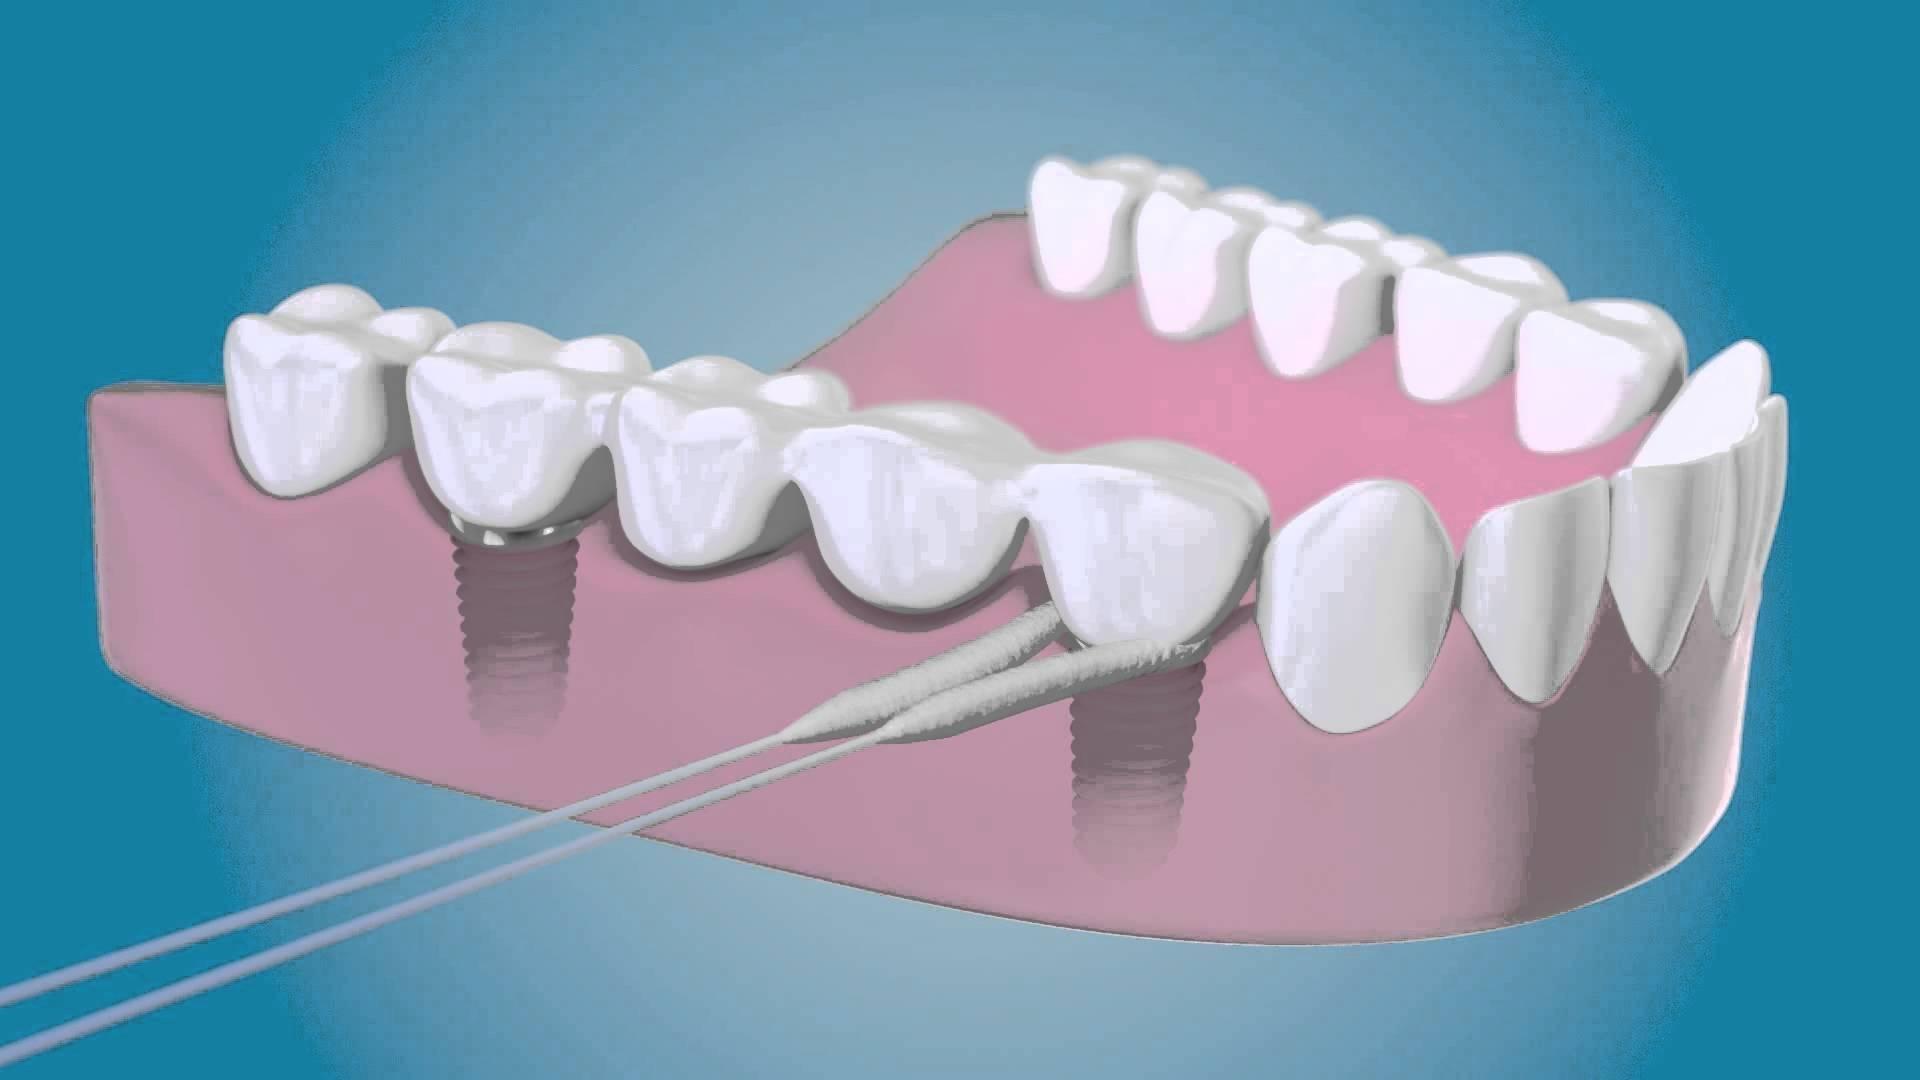 Советы и рекомендации специалистов после имплантации зубов